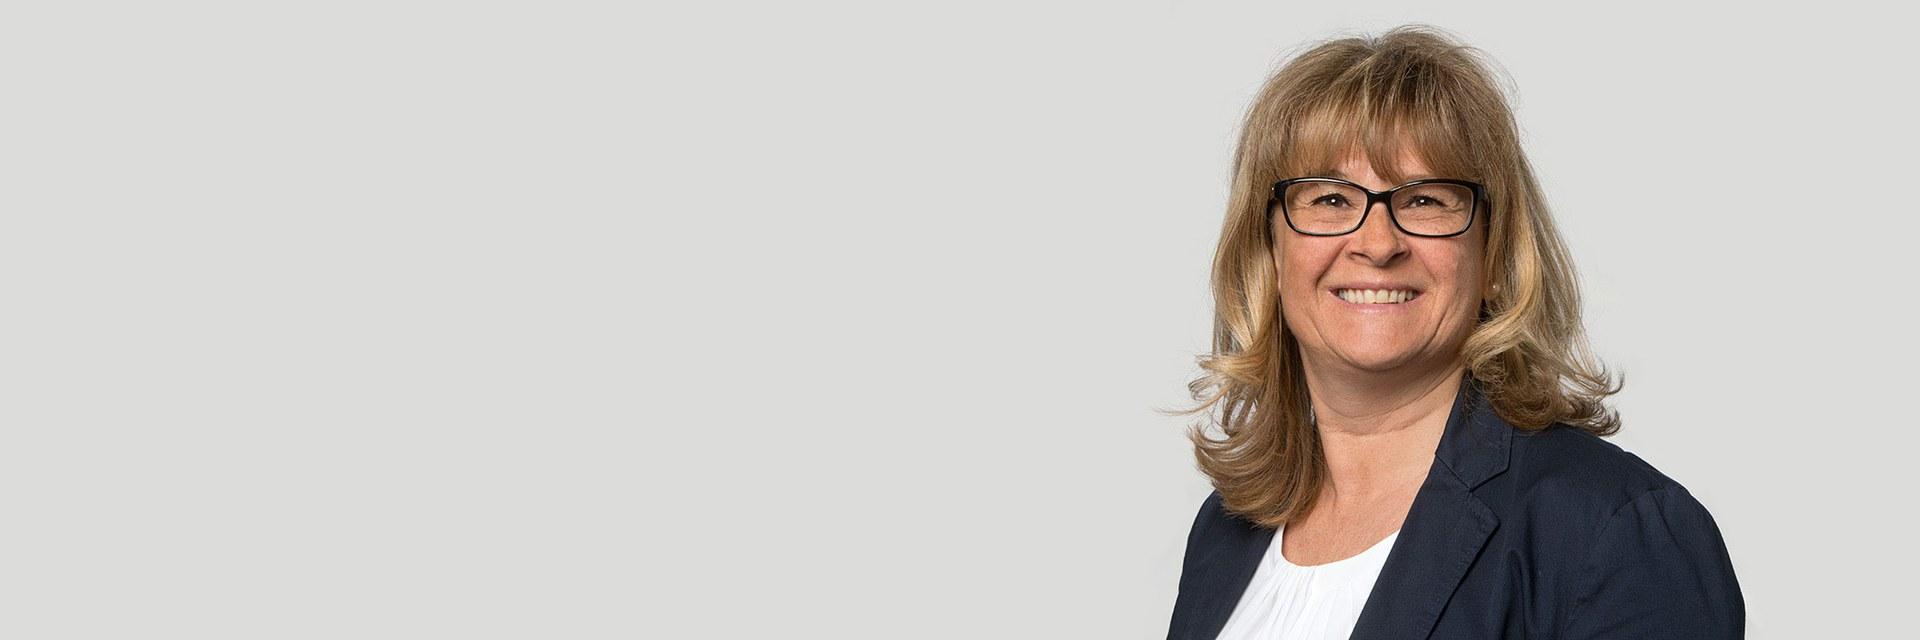 Silvia Moor